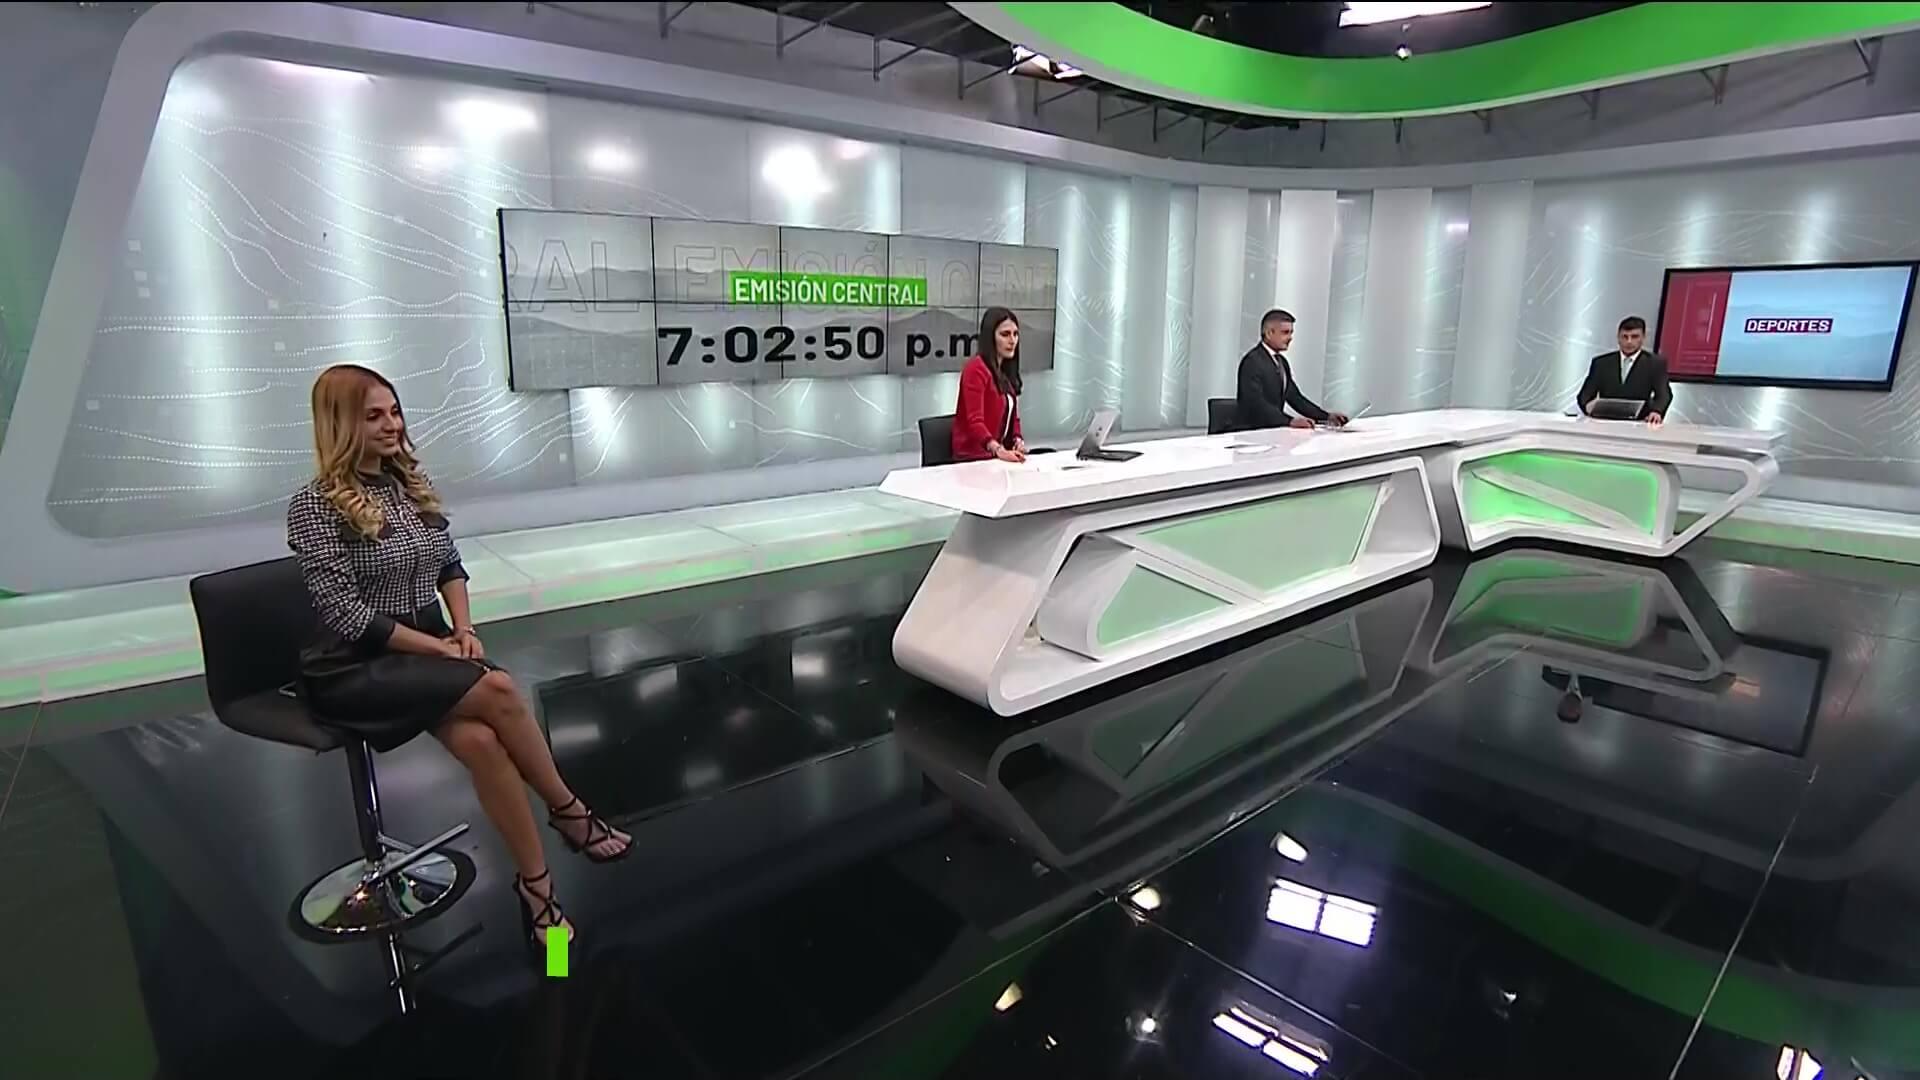 Teleantioquia Noticias - lunes 3 de mayo de 2021